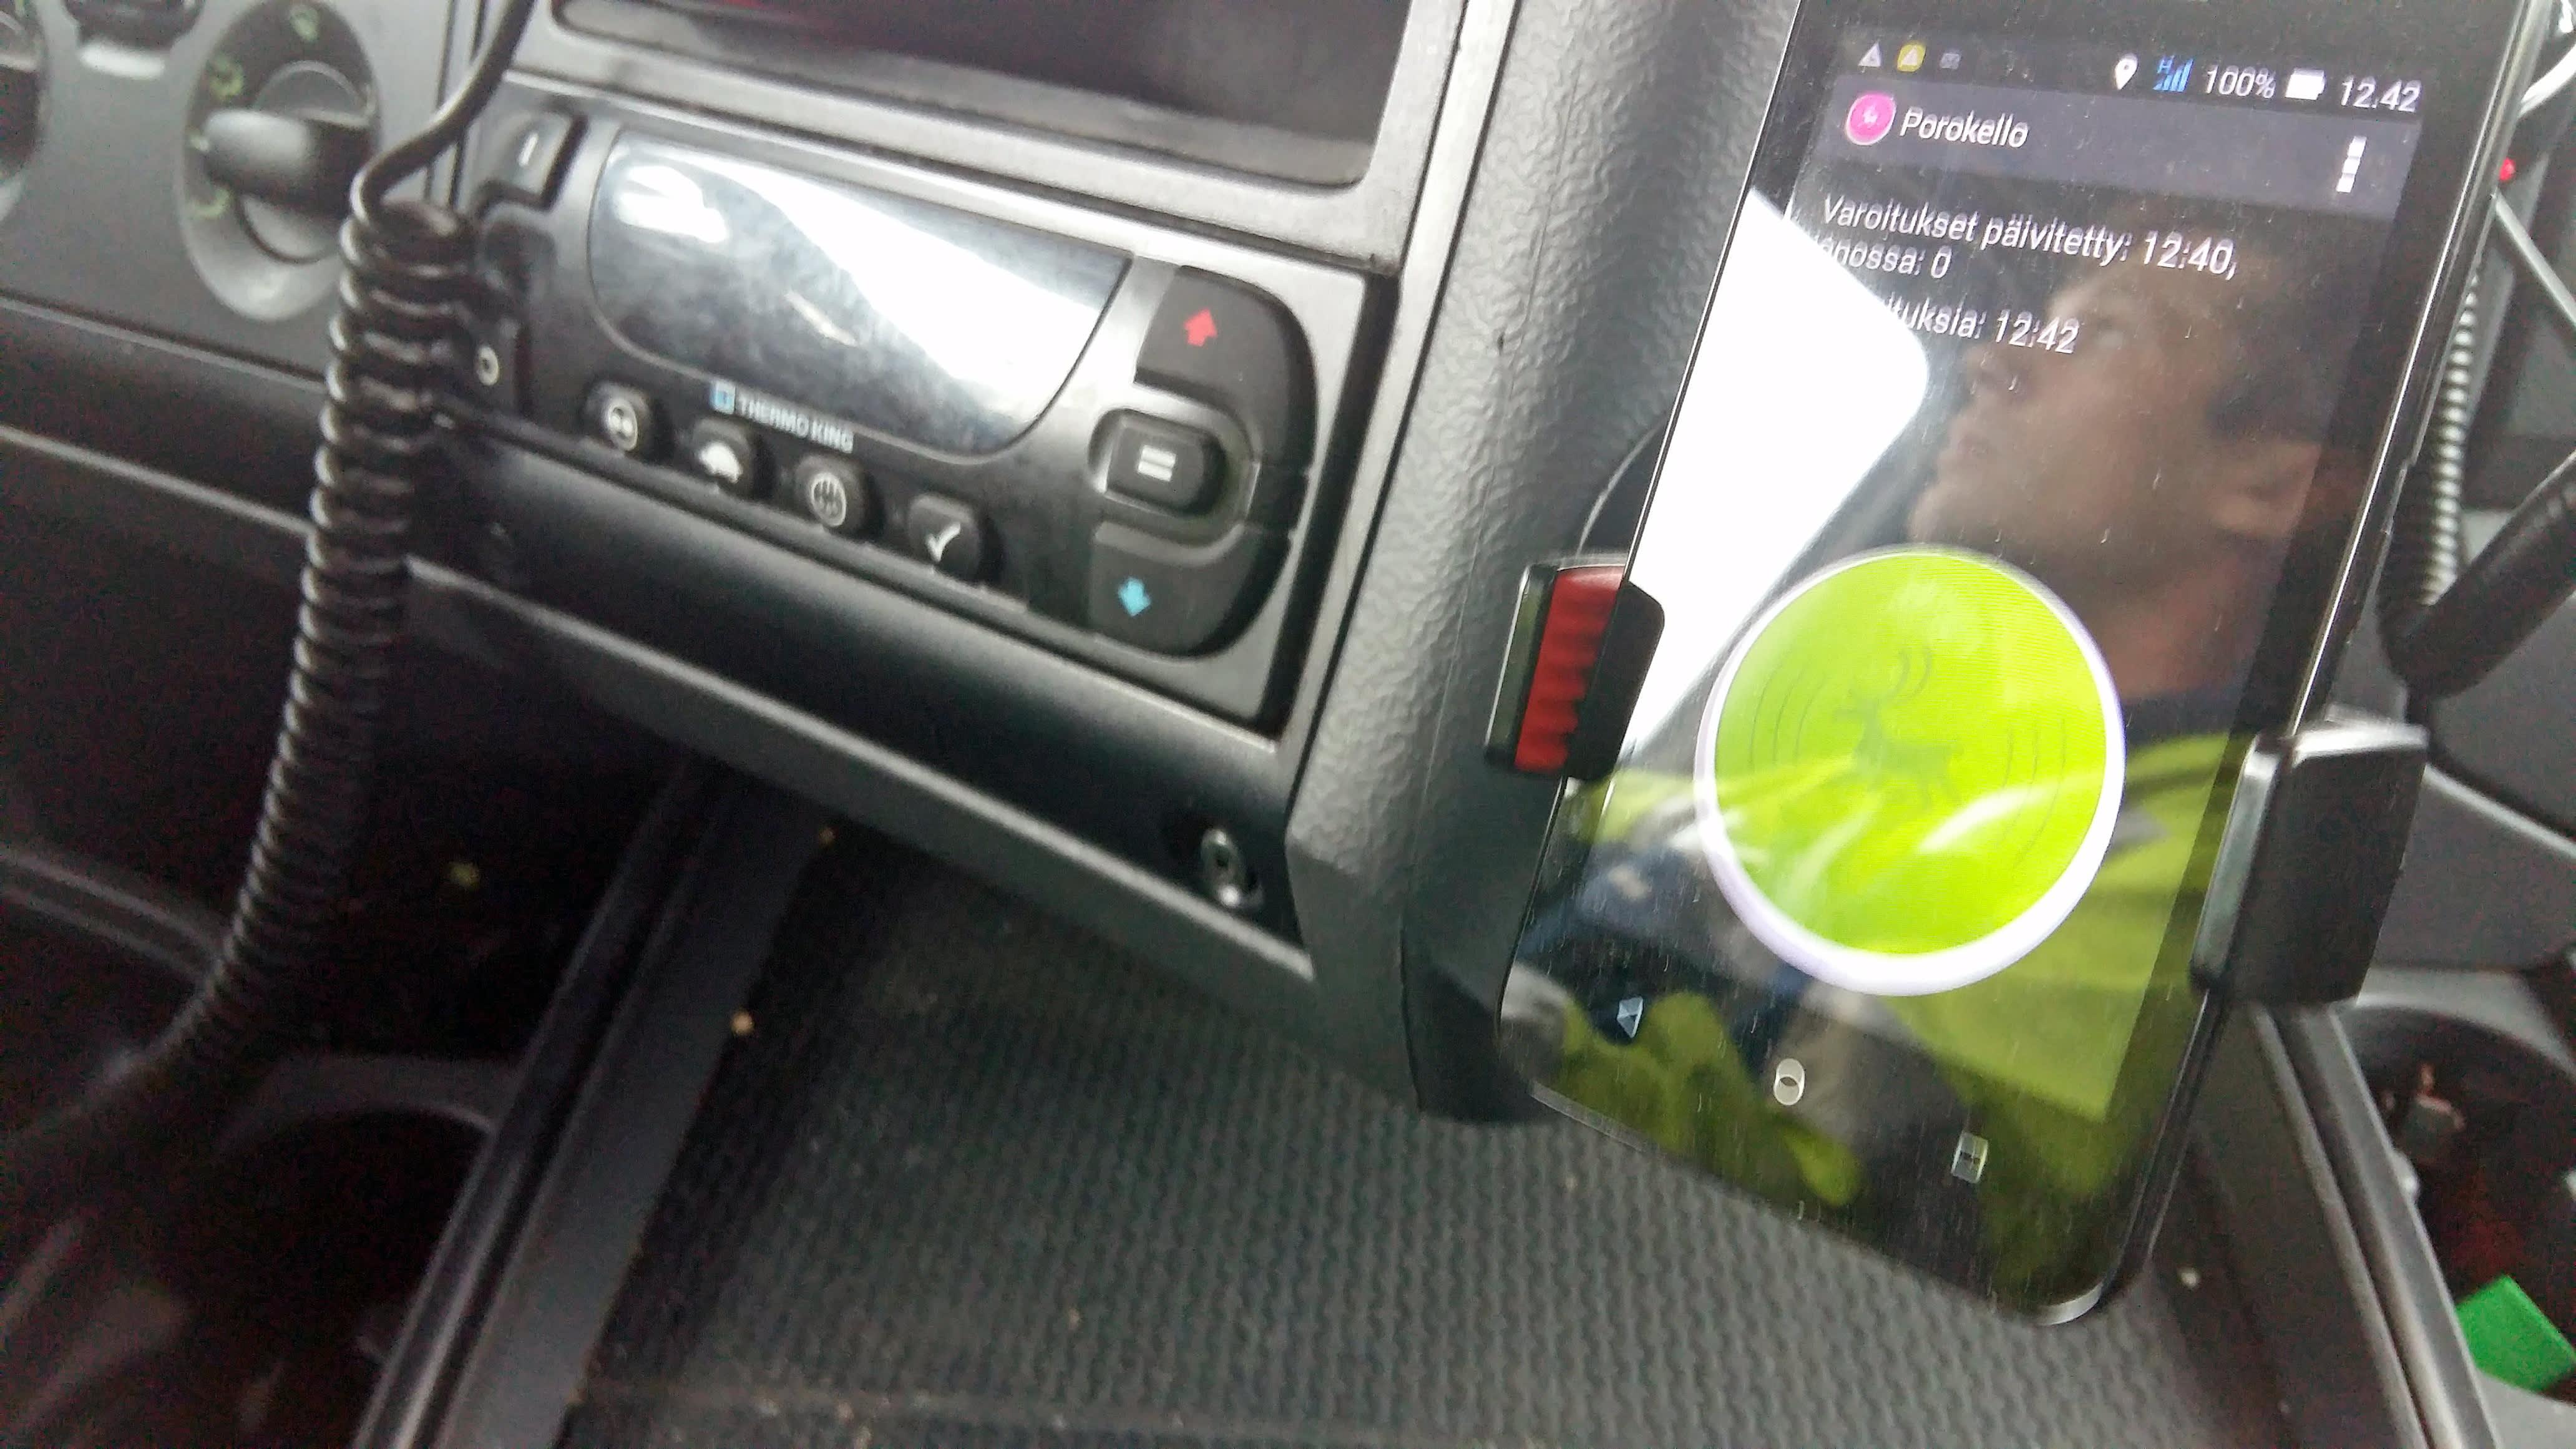 Porokello-kännykkäsovellus autossa.